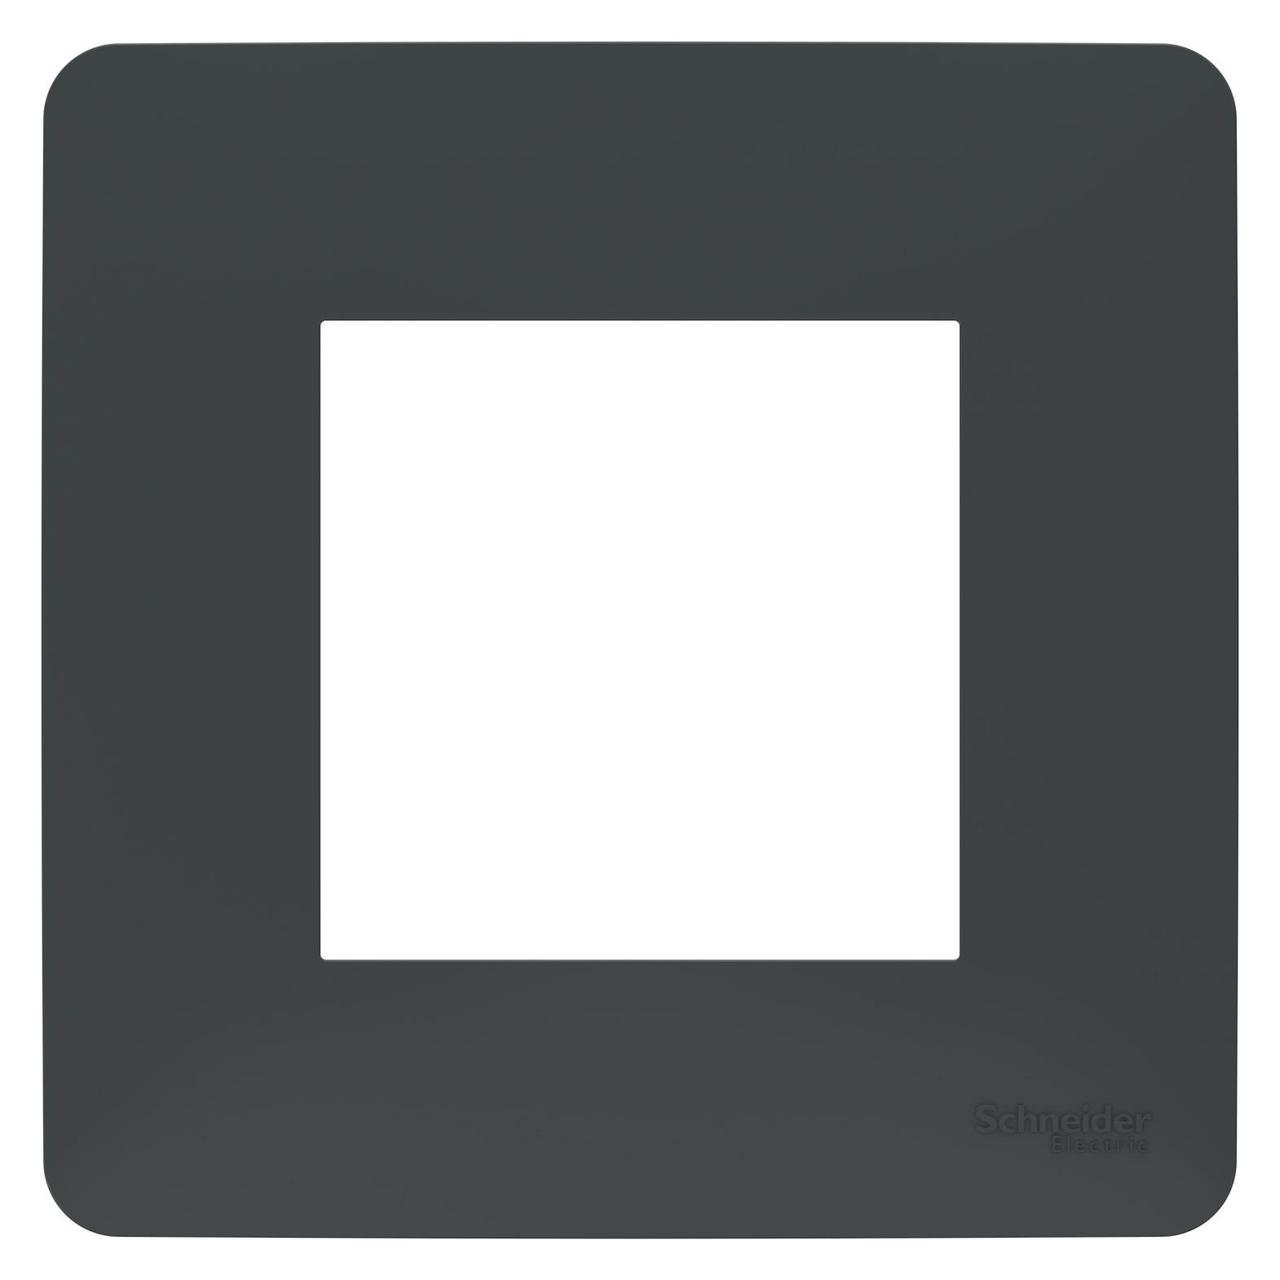 Рамка 1-ая (одинарная), Антрацит, серия Unica Studio, Schneider Electric